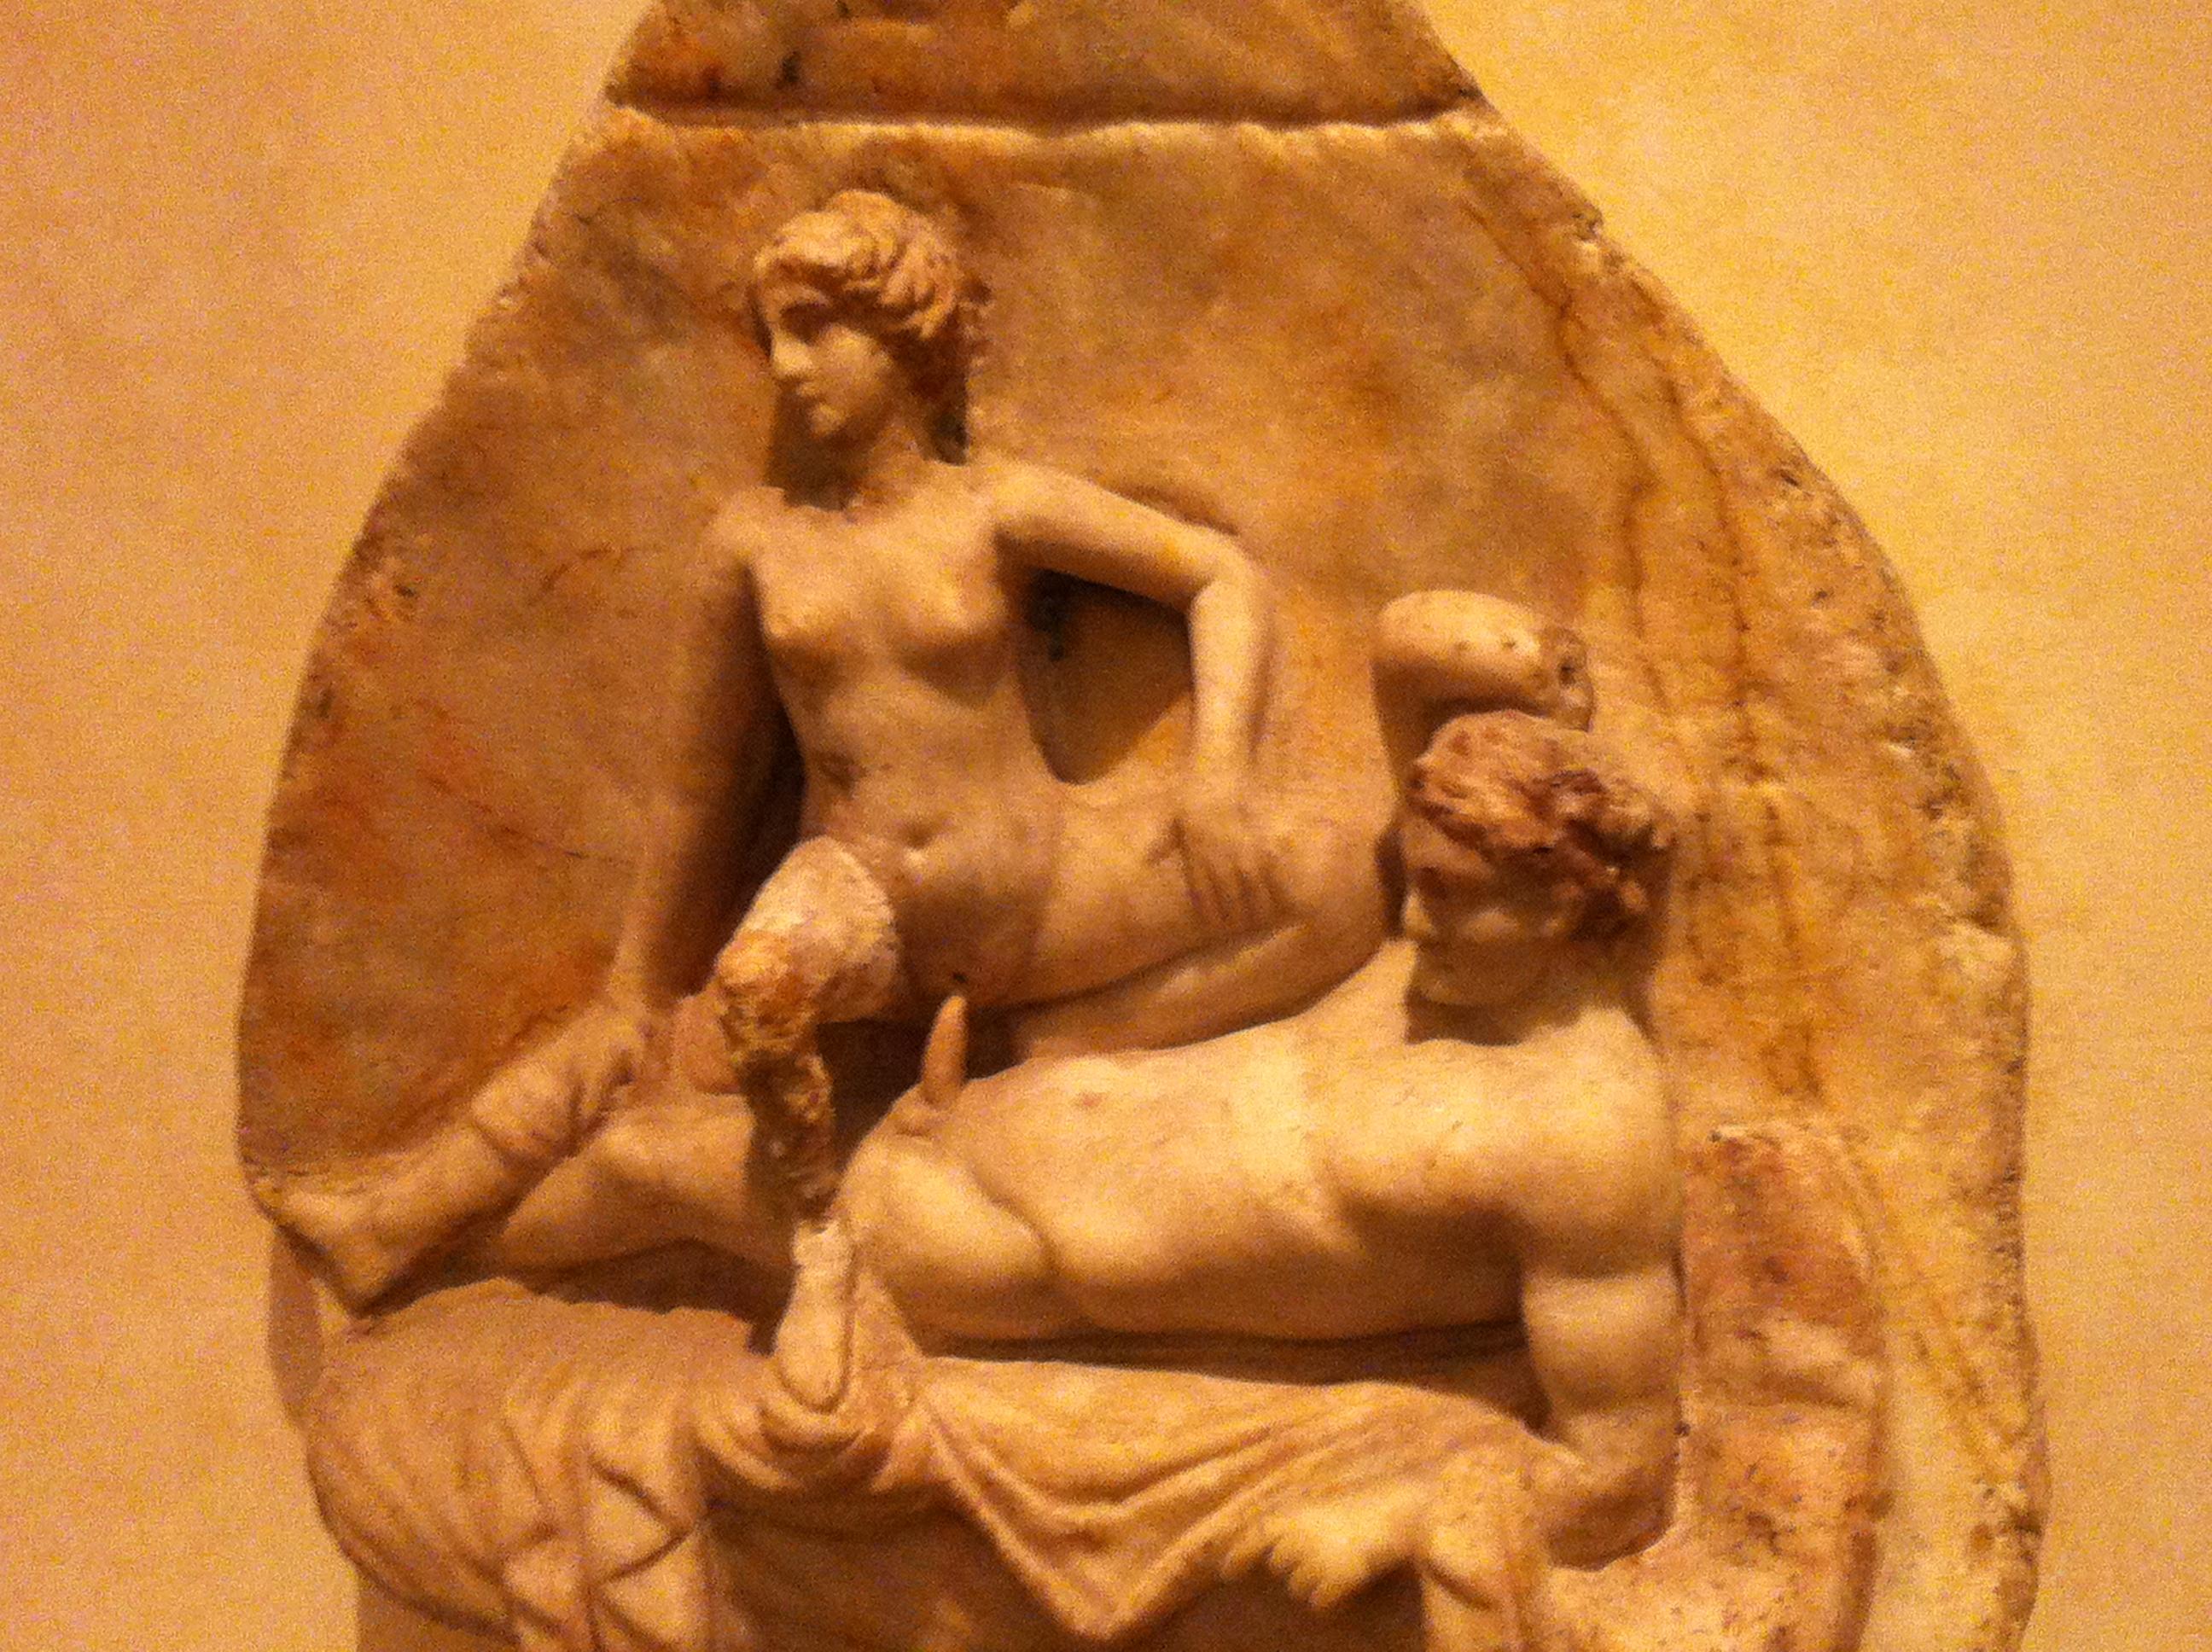 Эротическое фото древности 8 фотография